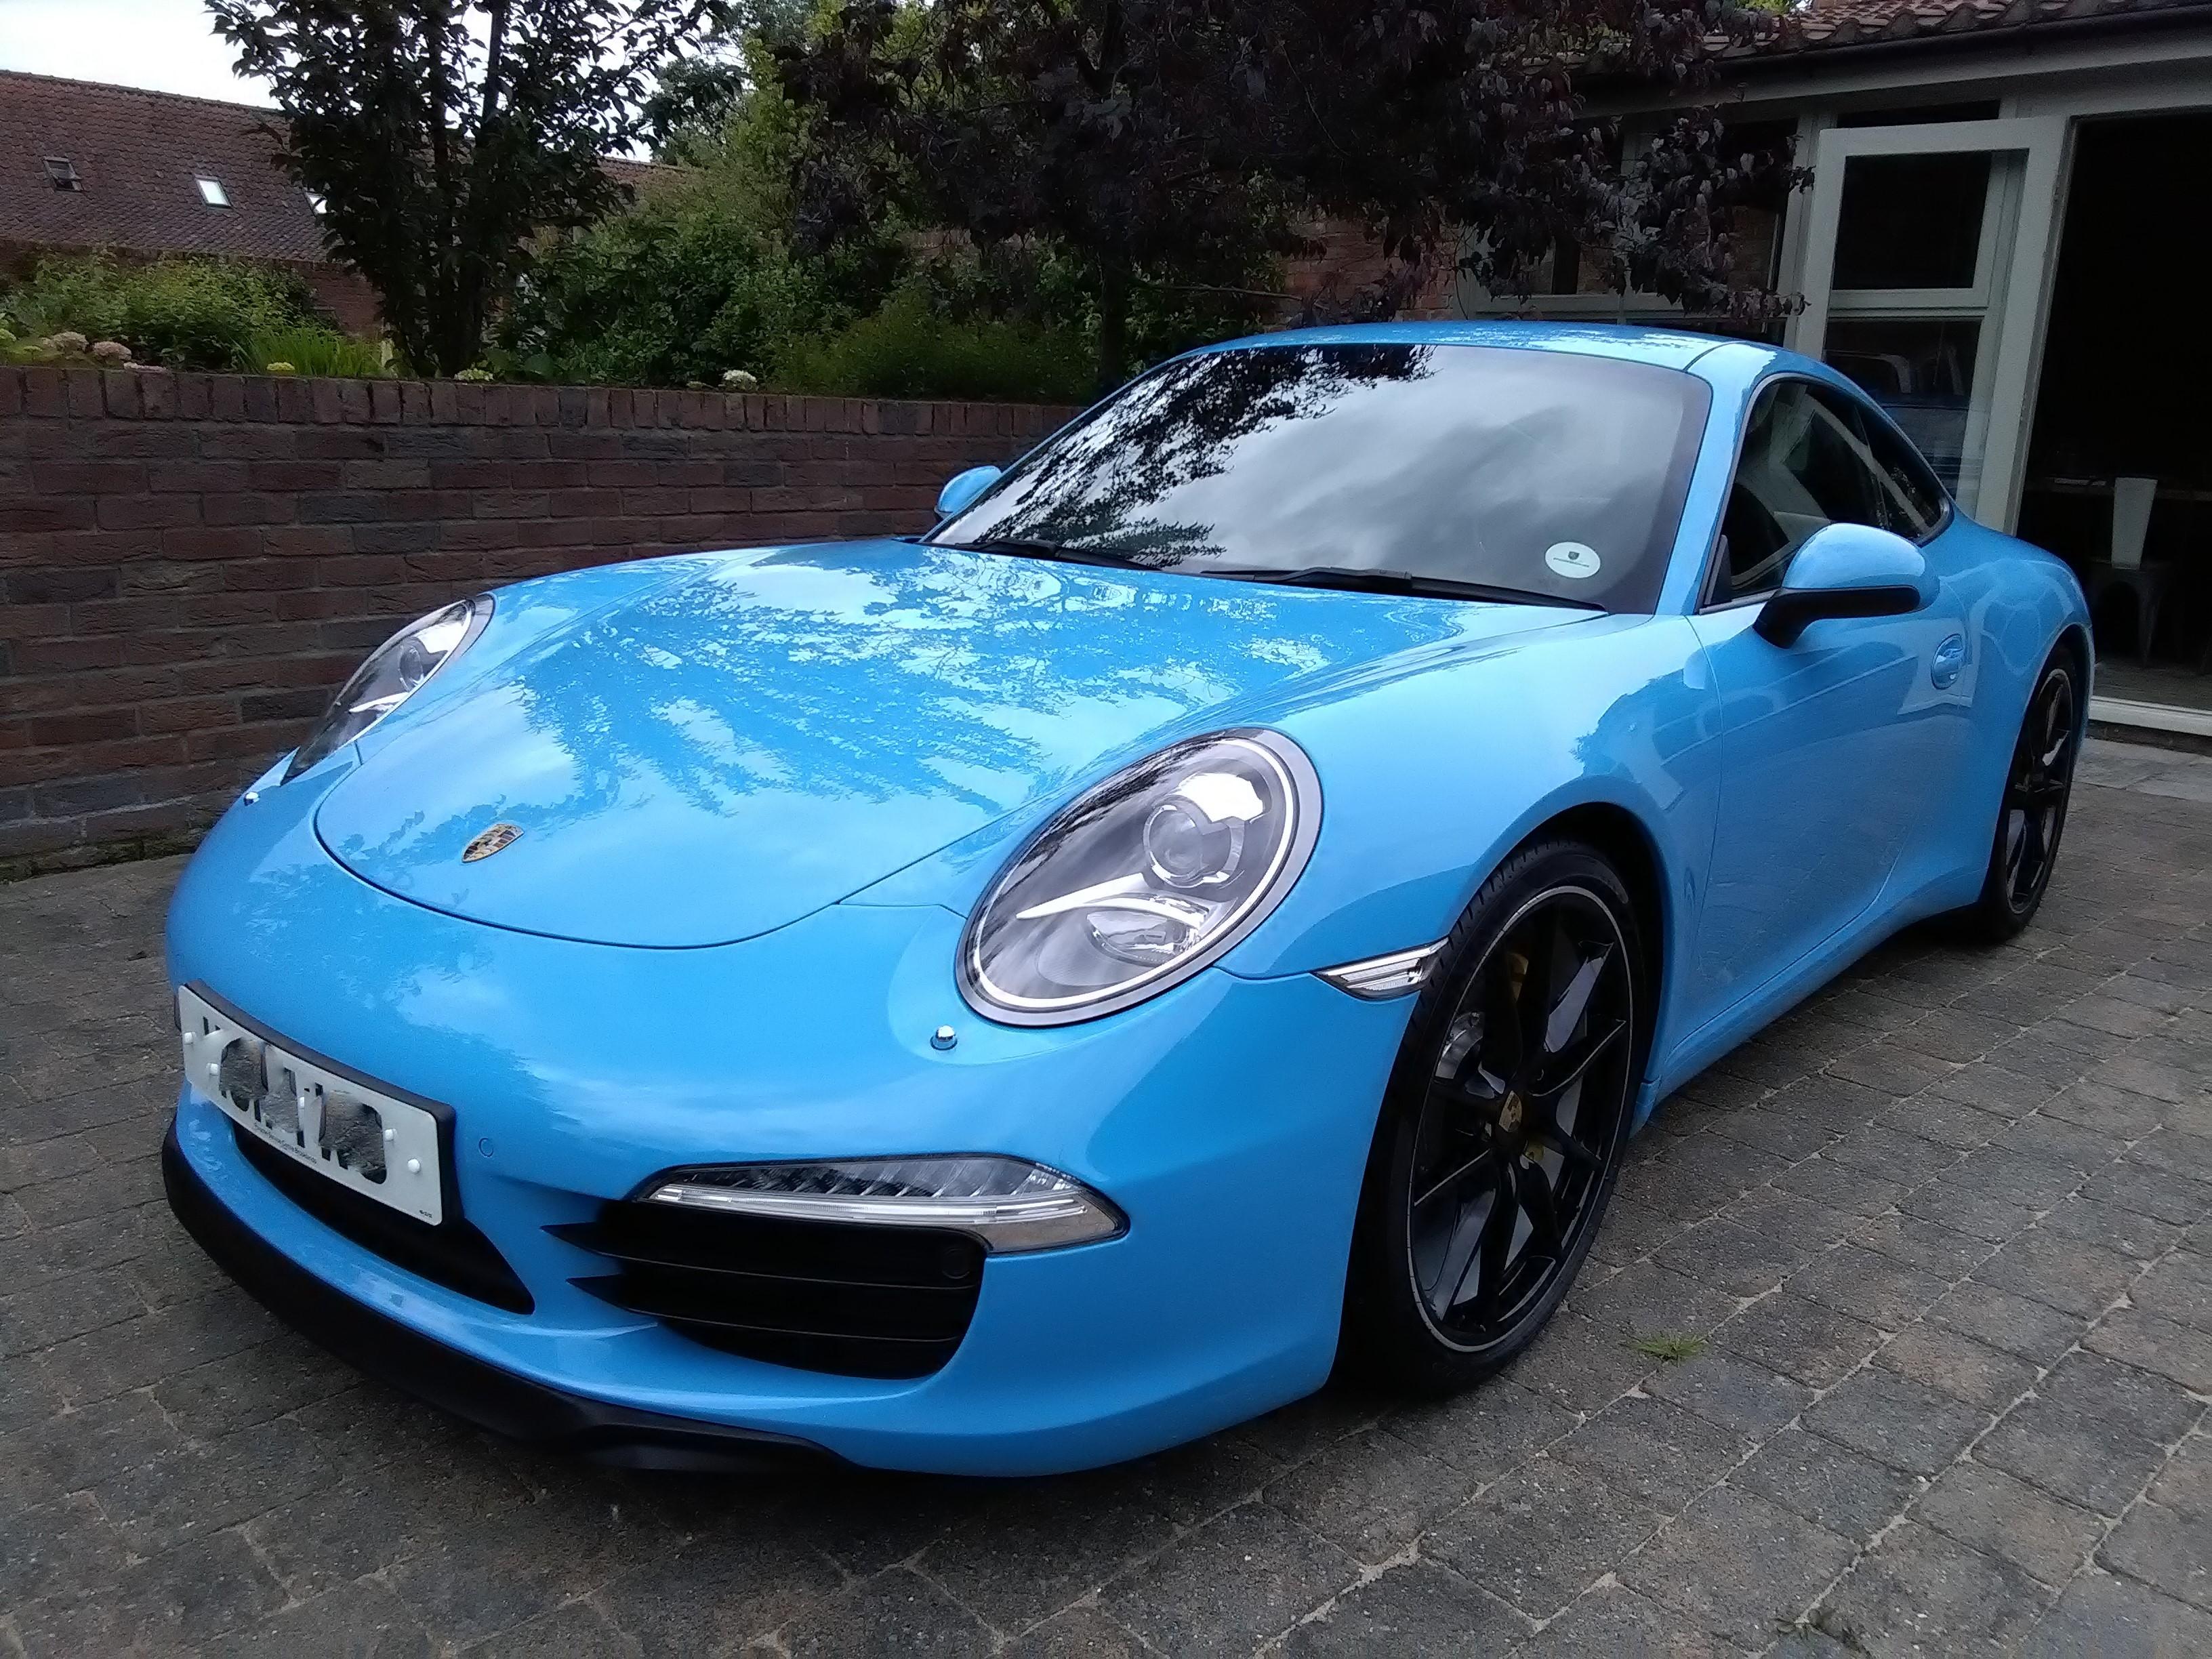 Porsche 911 Mexico Blue